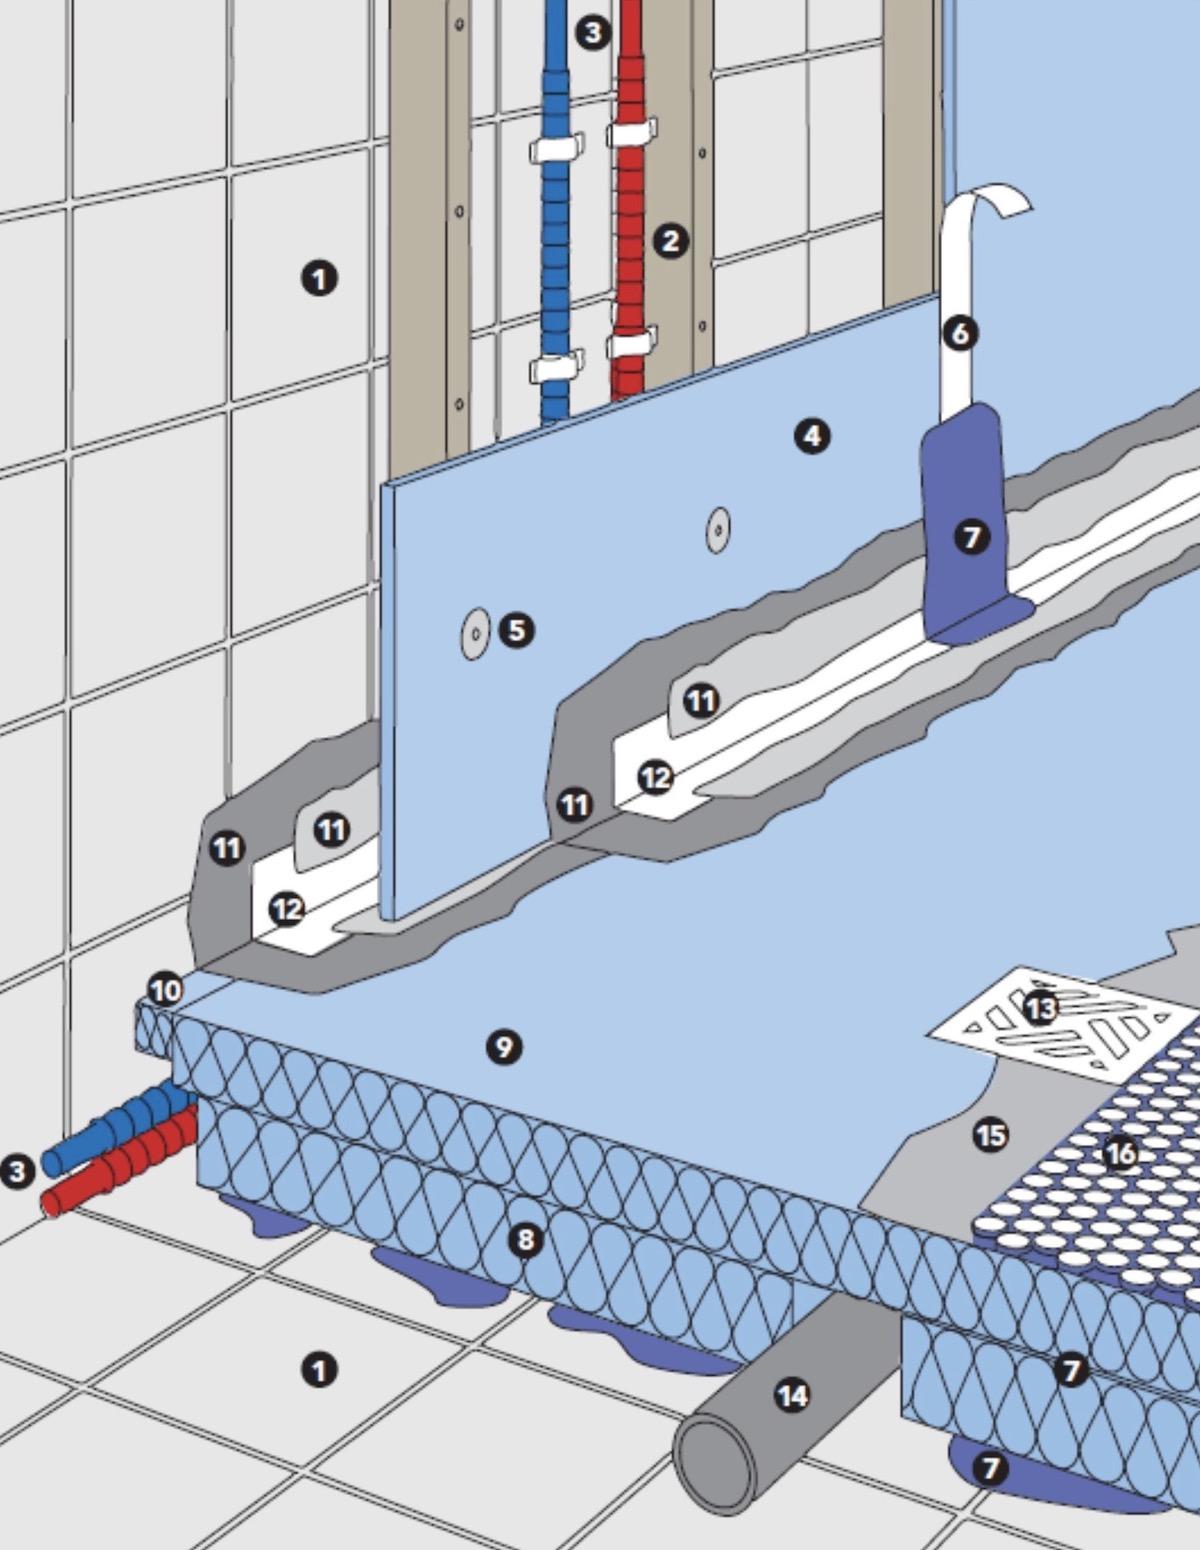 schéma installation douche italienne faire soi-même plomberie isolation étanchéité